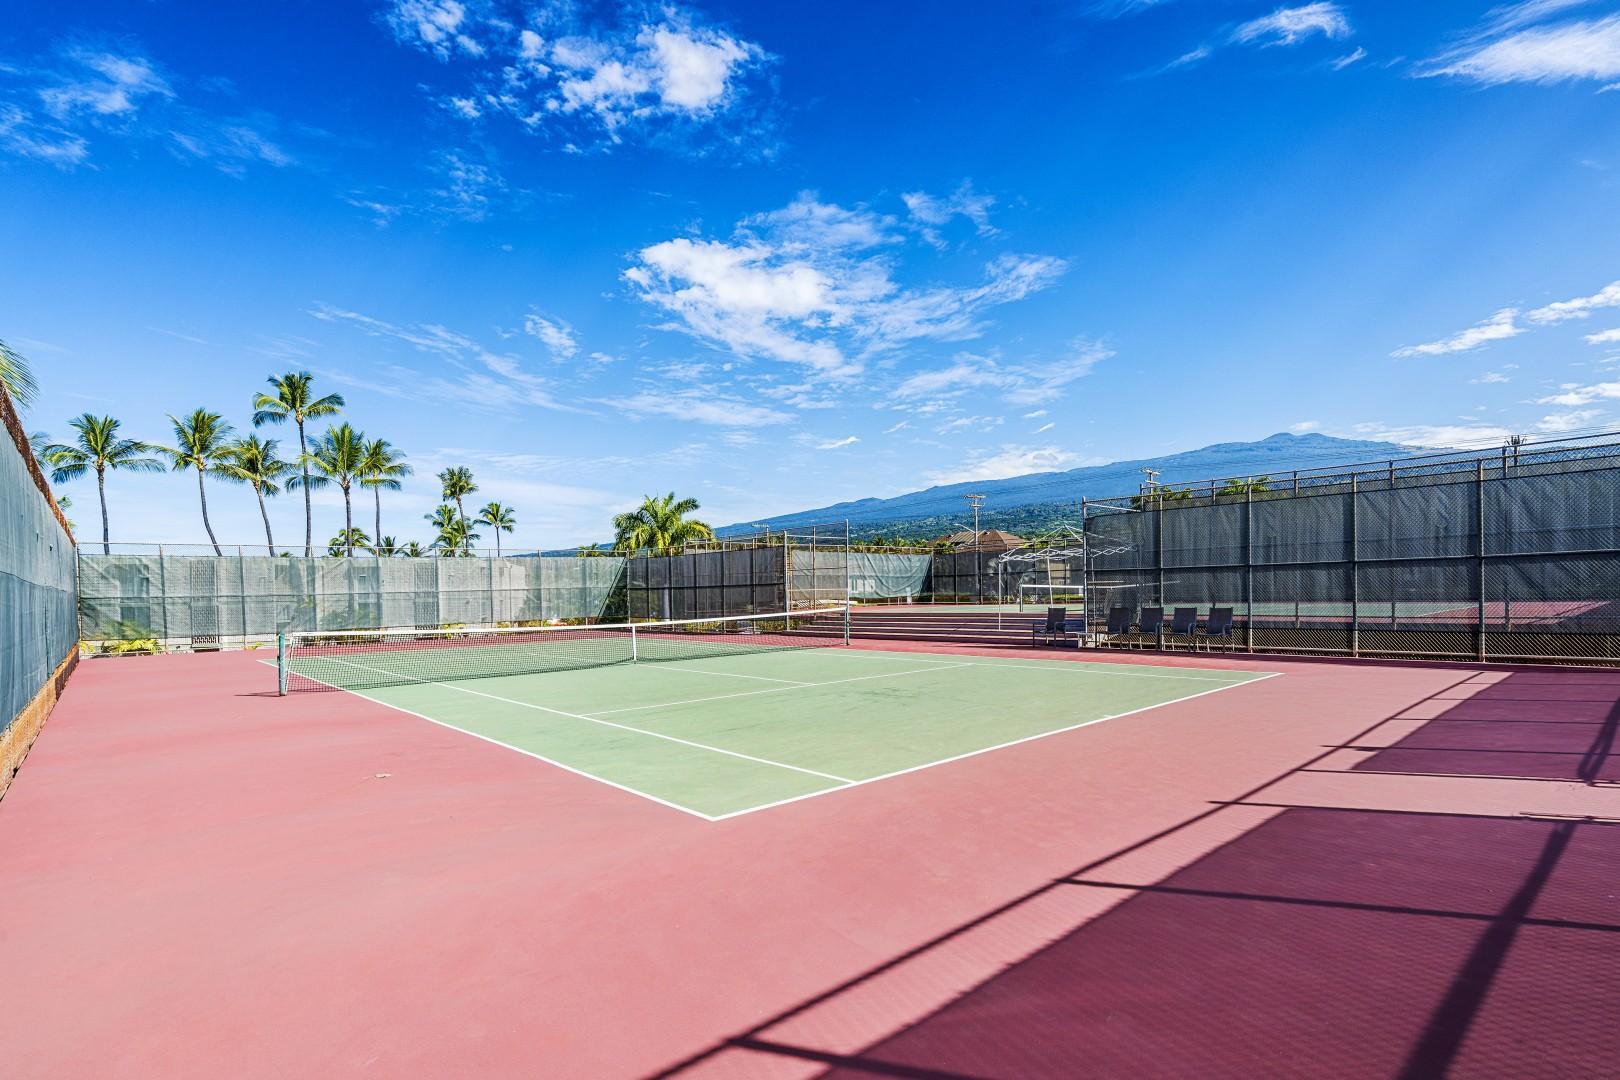 Kona Makai tennis court!